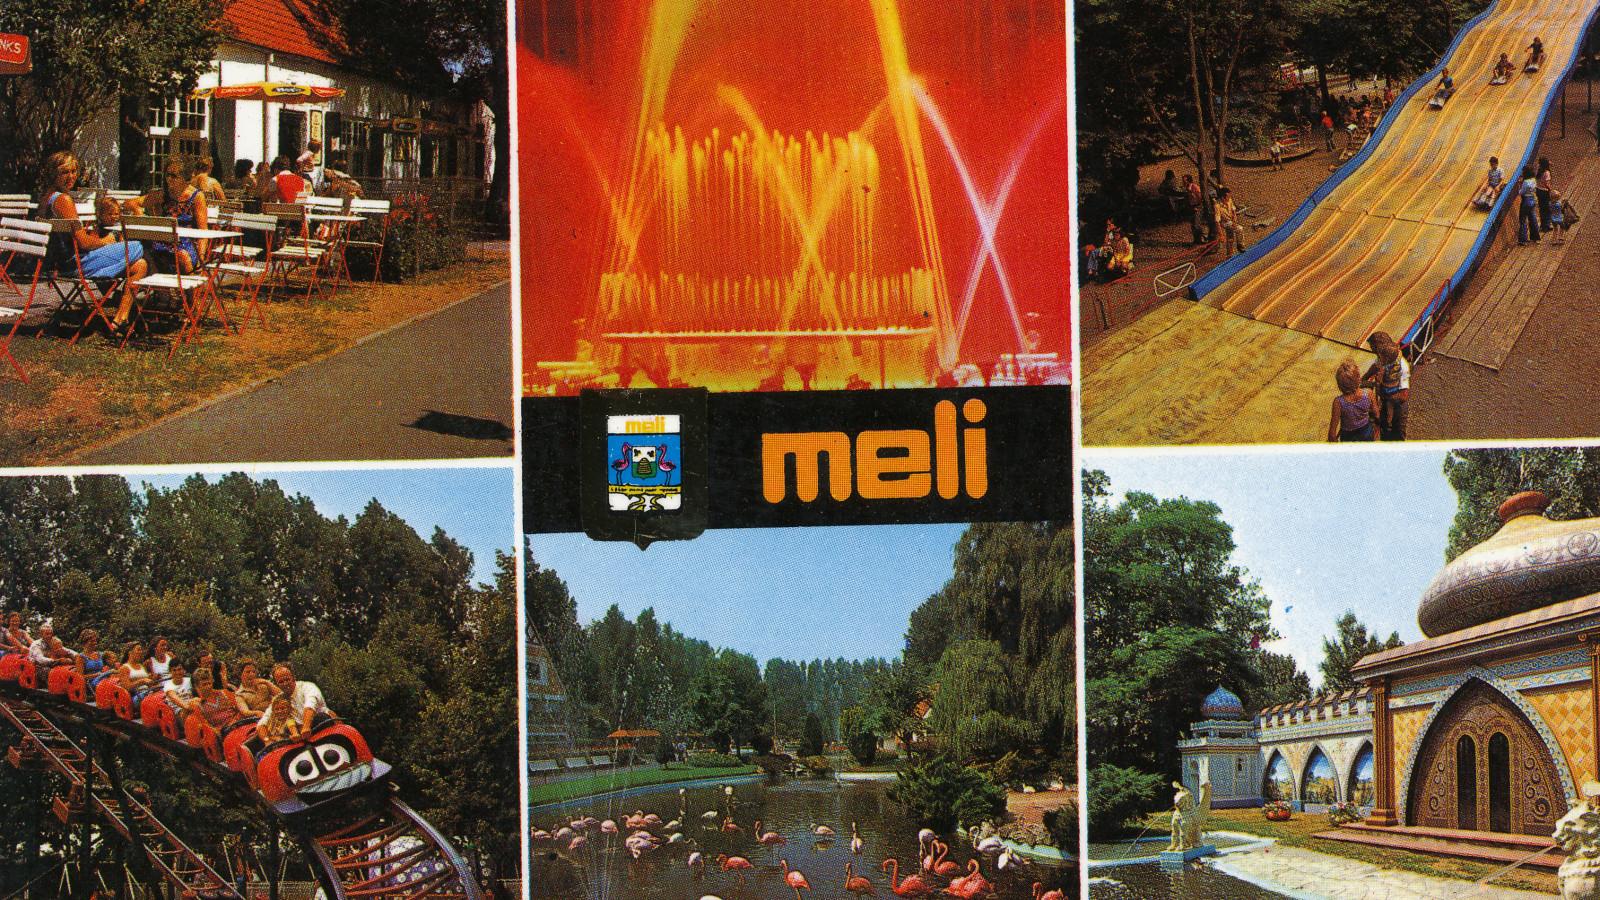 Coup d'éclat par Plopsaland La Panne avec une action pour les Meli Park Revival Weekends